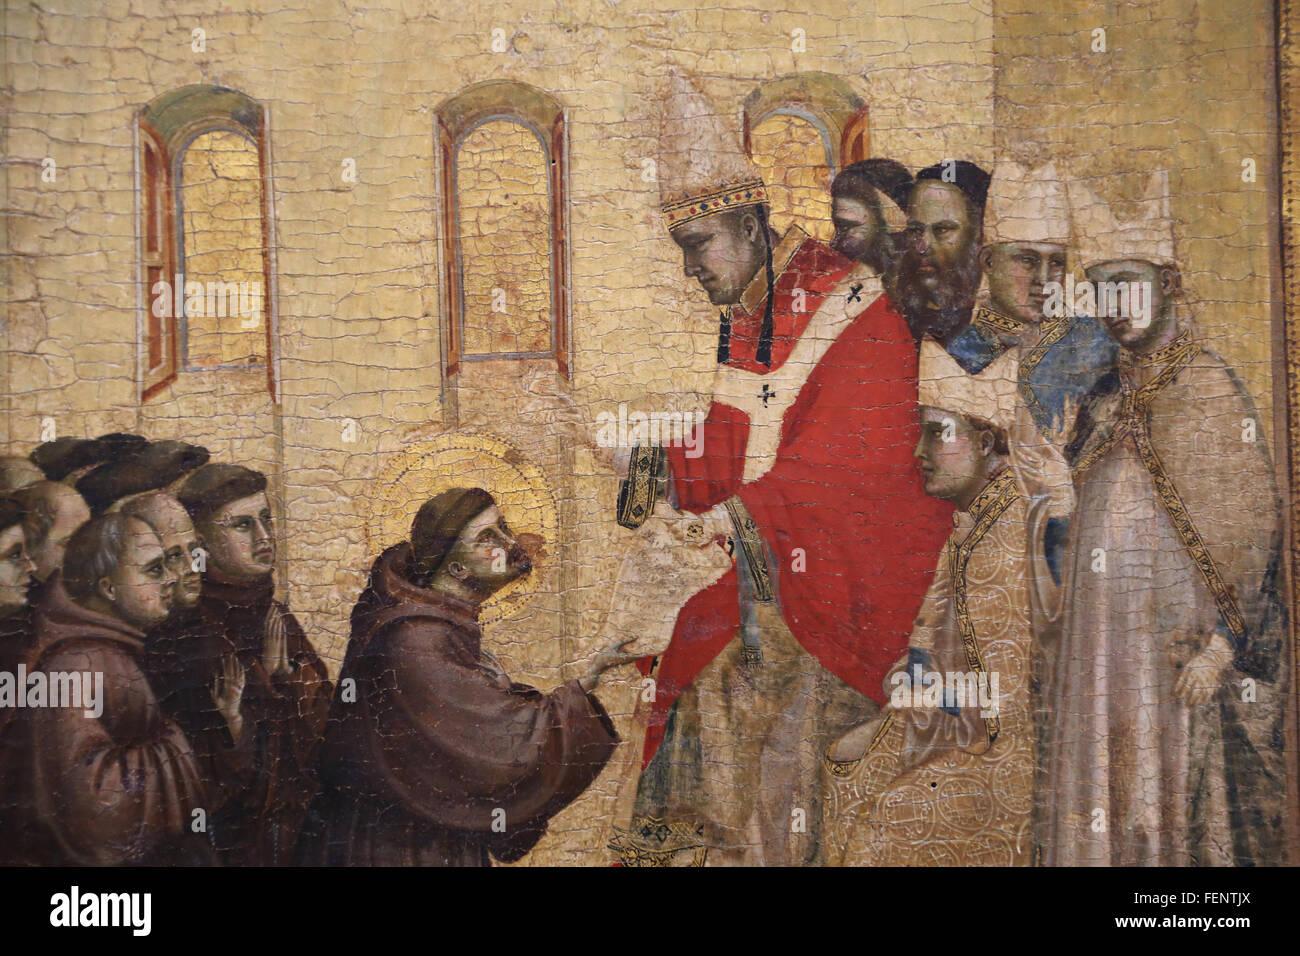 San Francesco che riceve le stimmate, da Giotto (1266-1337), 1295-1300. Dettaglio predella. Il papa Innocenzo III Immagini Stock